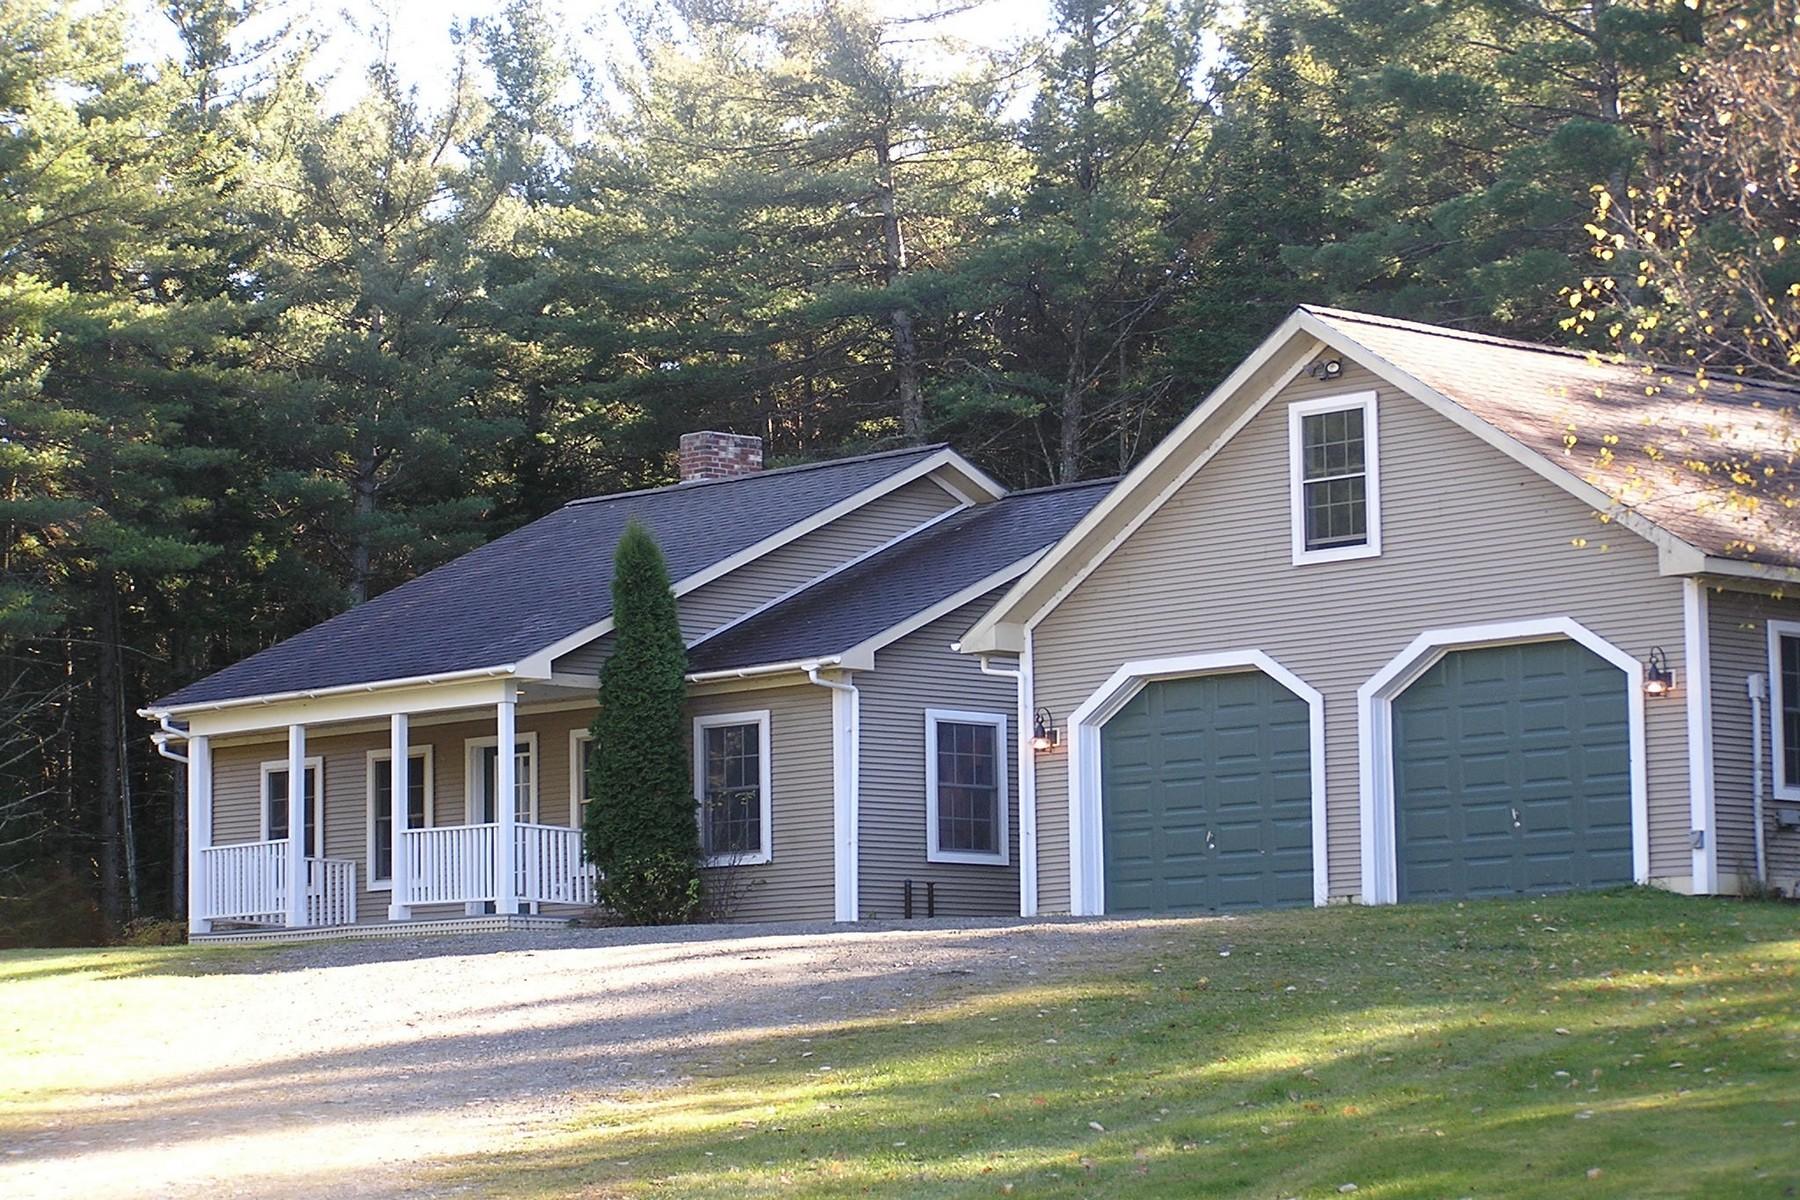 Casa Unifamiliar por un Venta en 3371 Craftsbury Road, Greensboro 3371 Craftsbury Rd Greensboro, Vermont, 05841 Estados Unidos